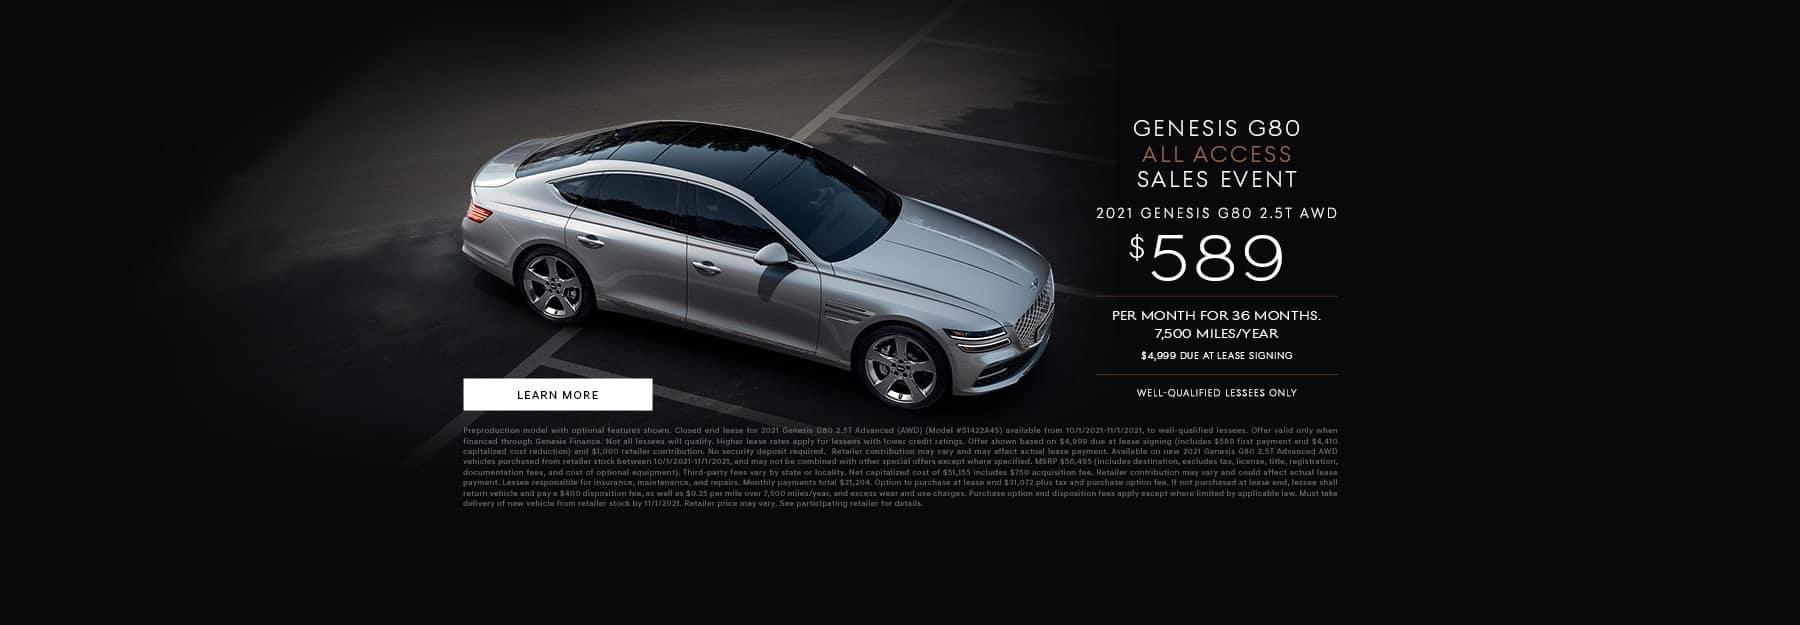 2021 Genesis G80 AWD